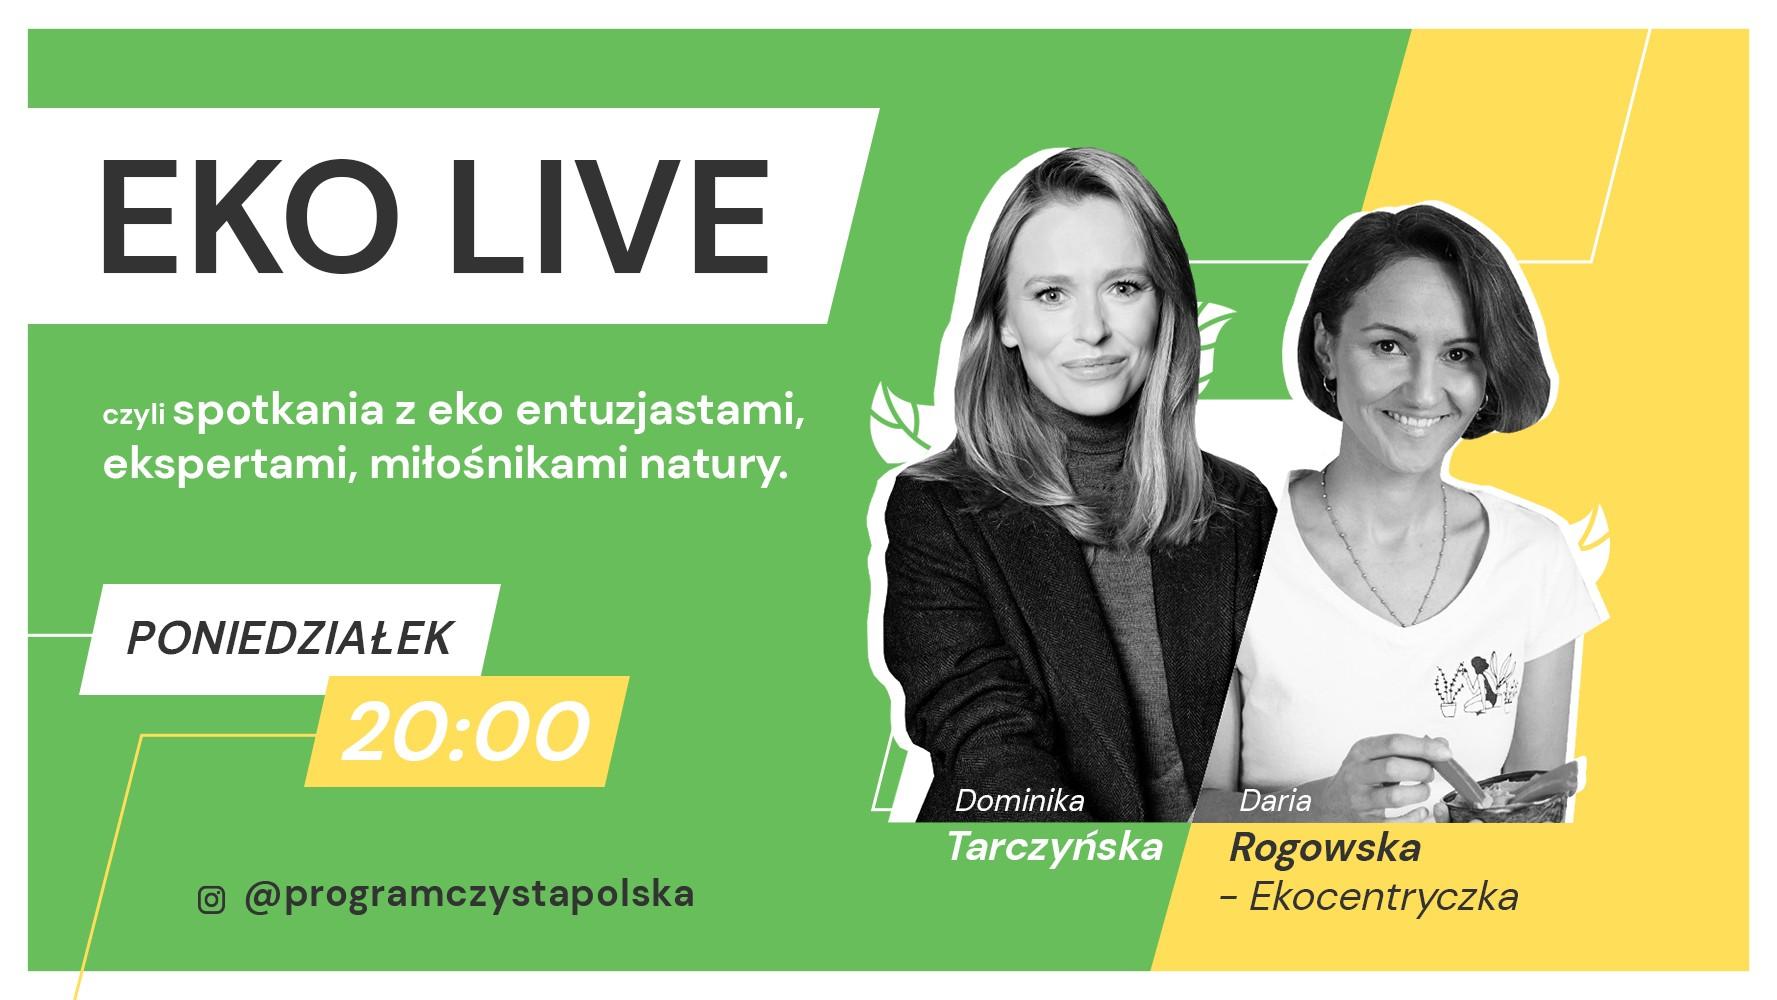 Daria Rogowska na EKO LIVE: Dieta roślinna dla każdego